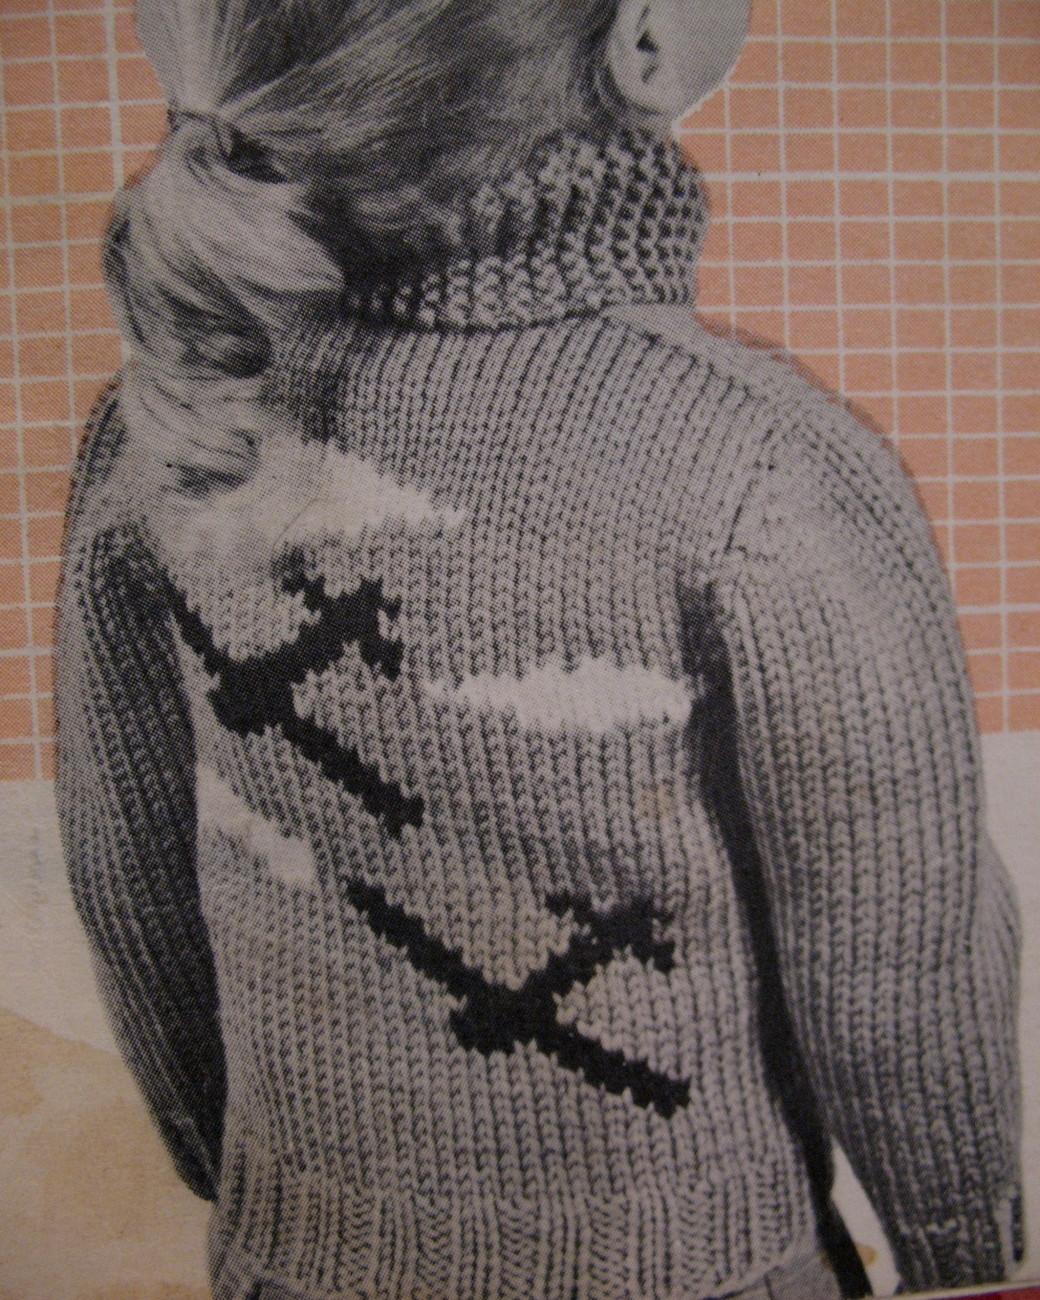 Vintage Airplane Aeroplane Sweater Knitting Pattern ...